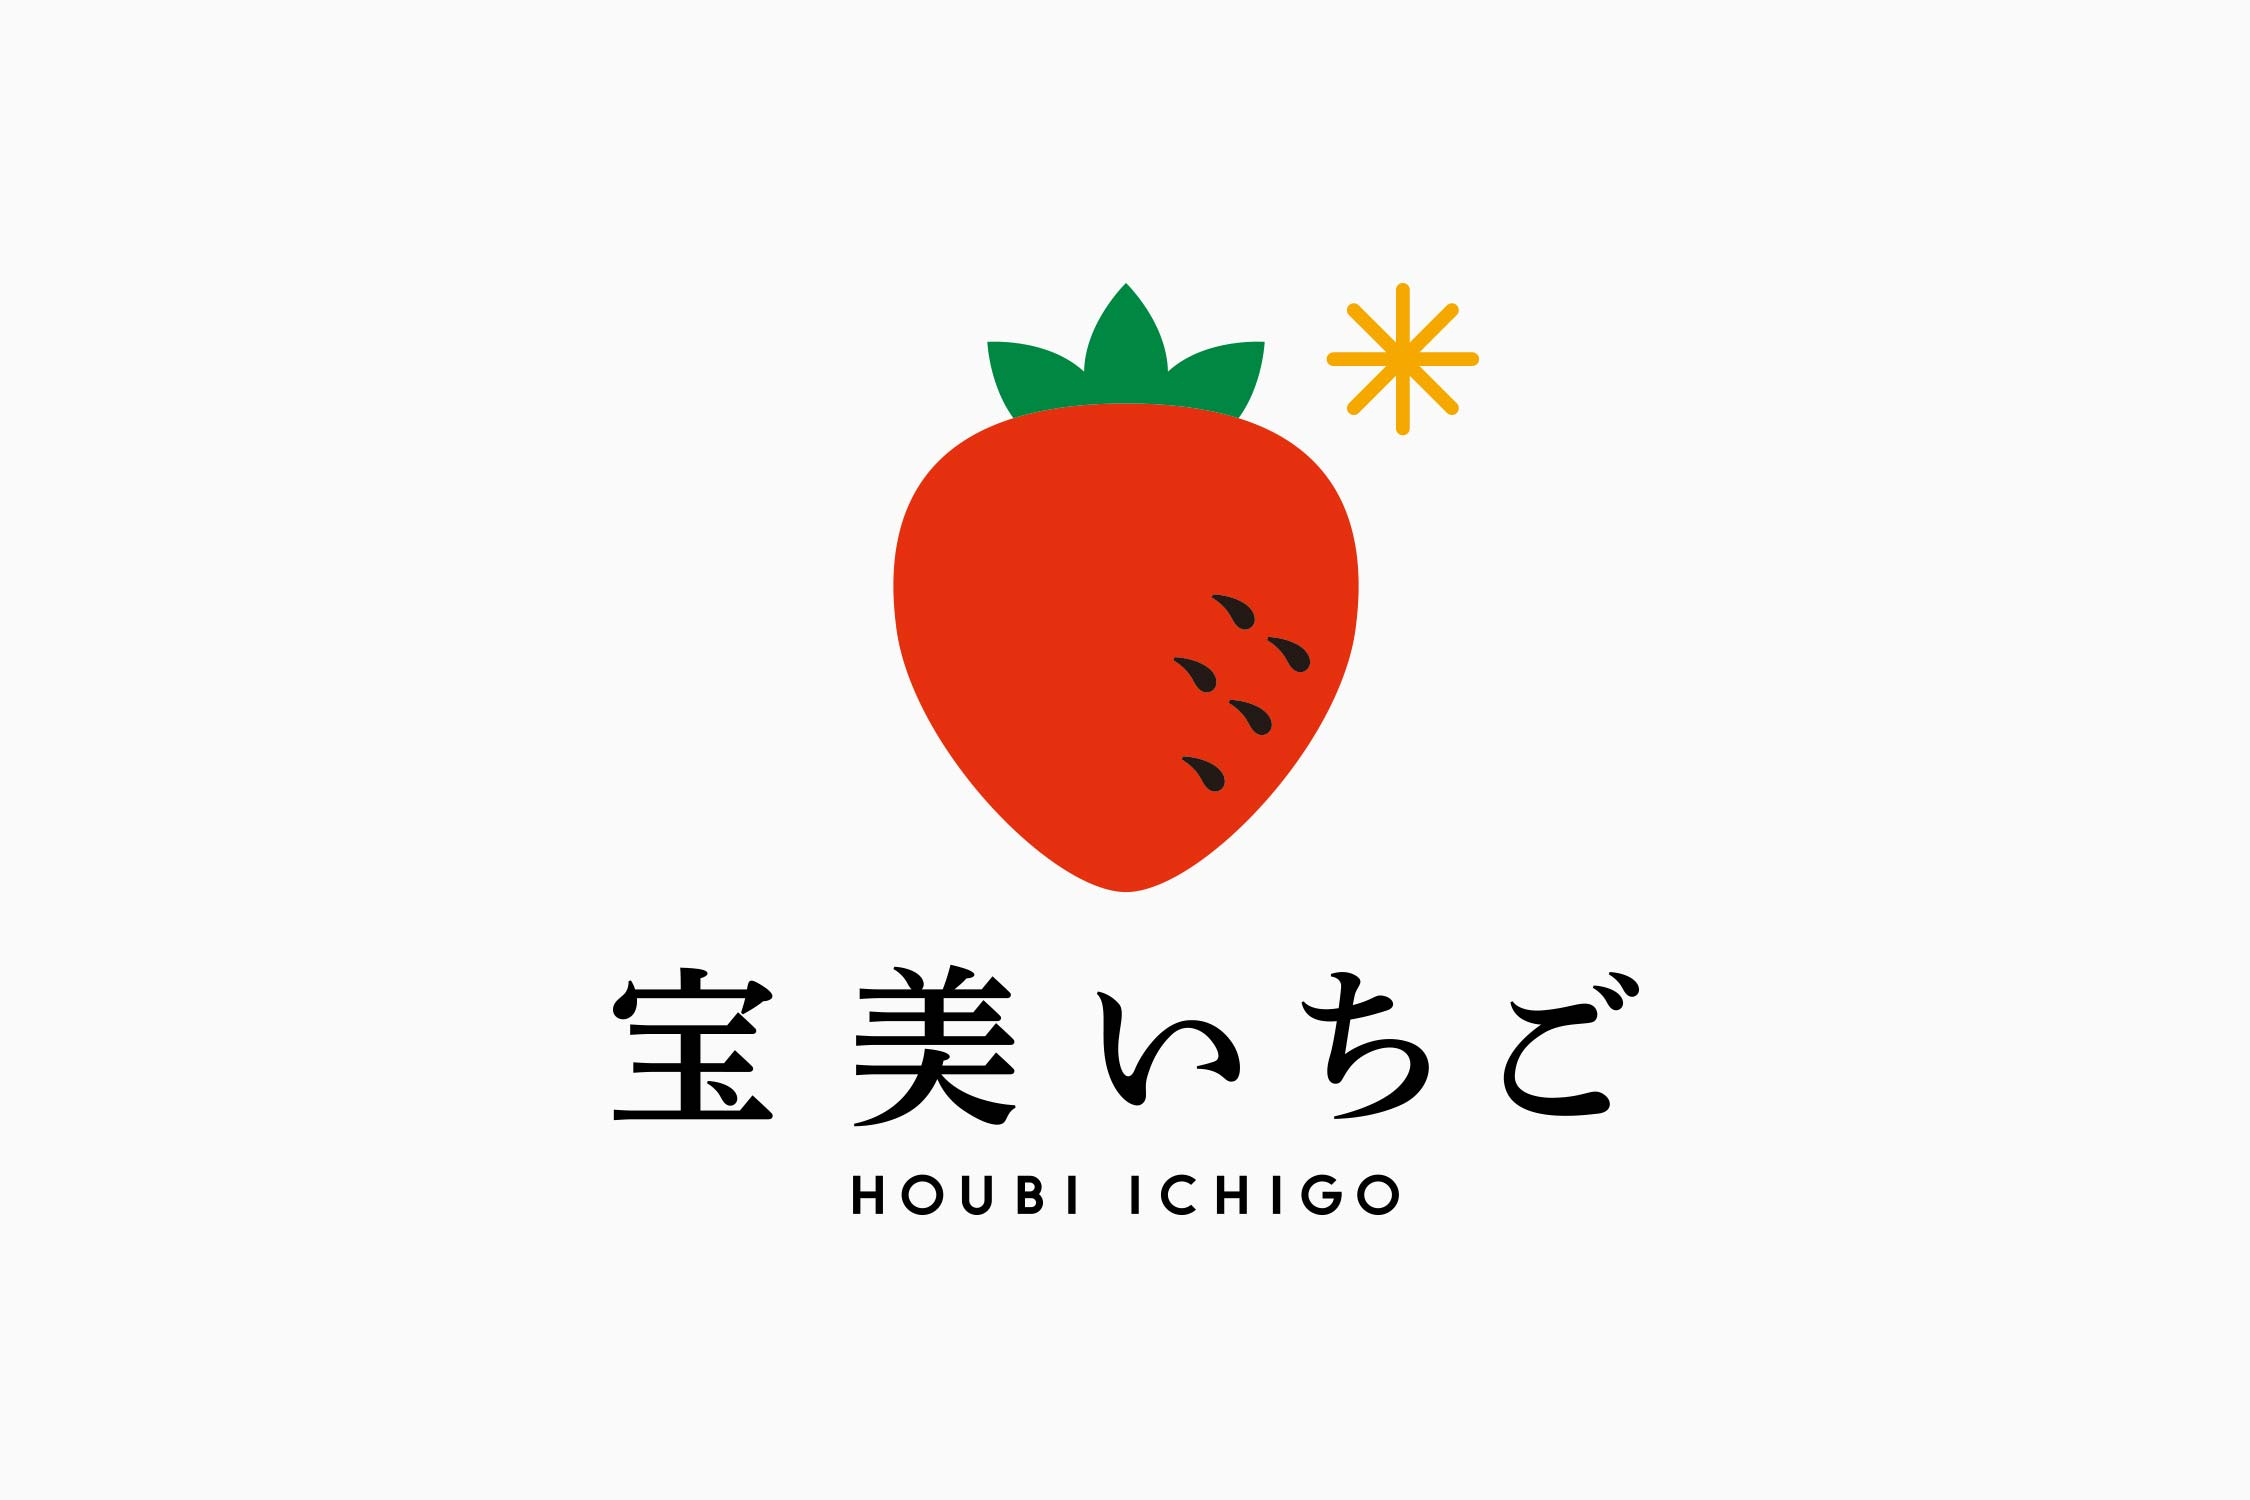 Houbi Ichigo